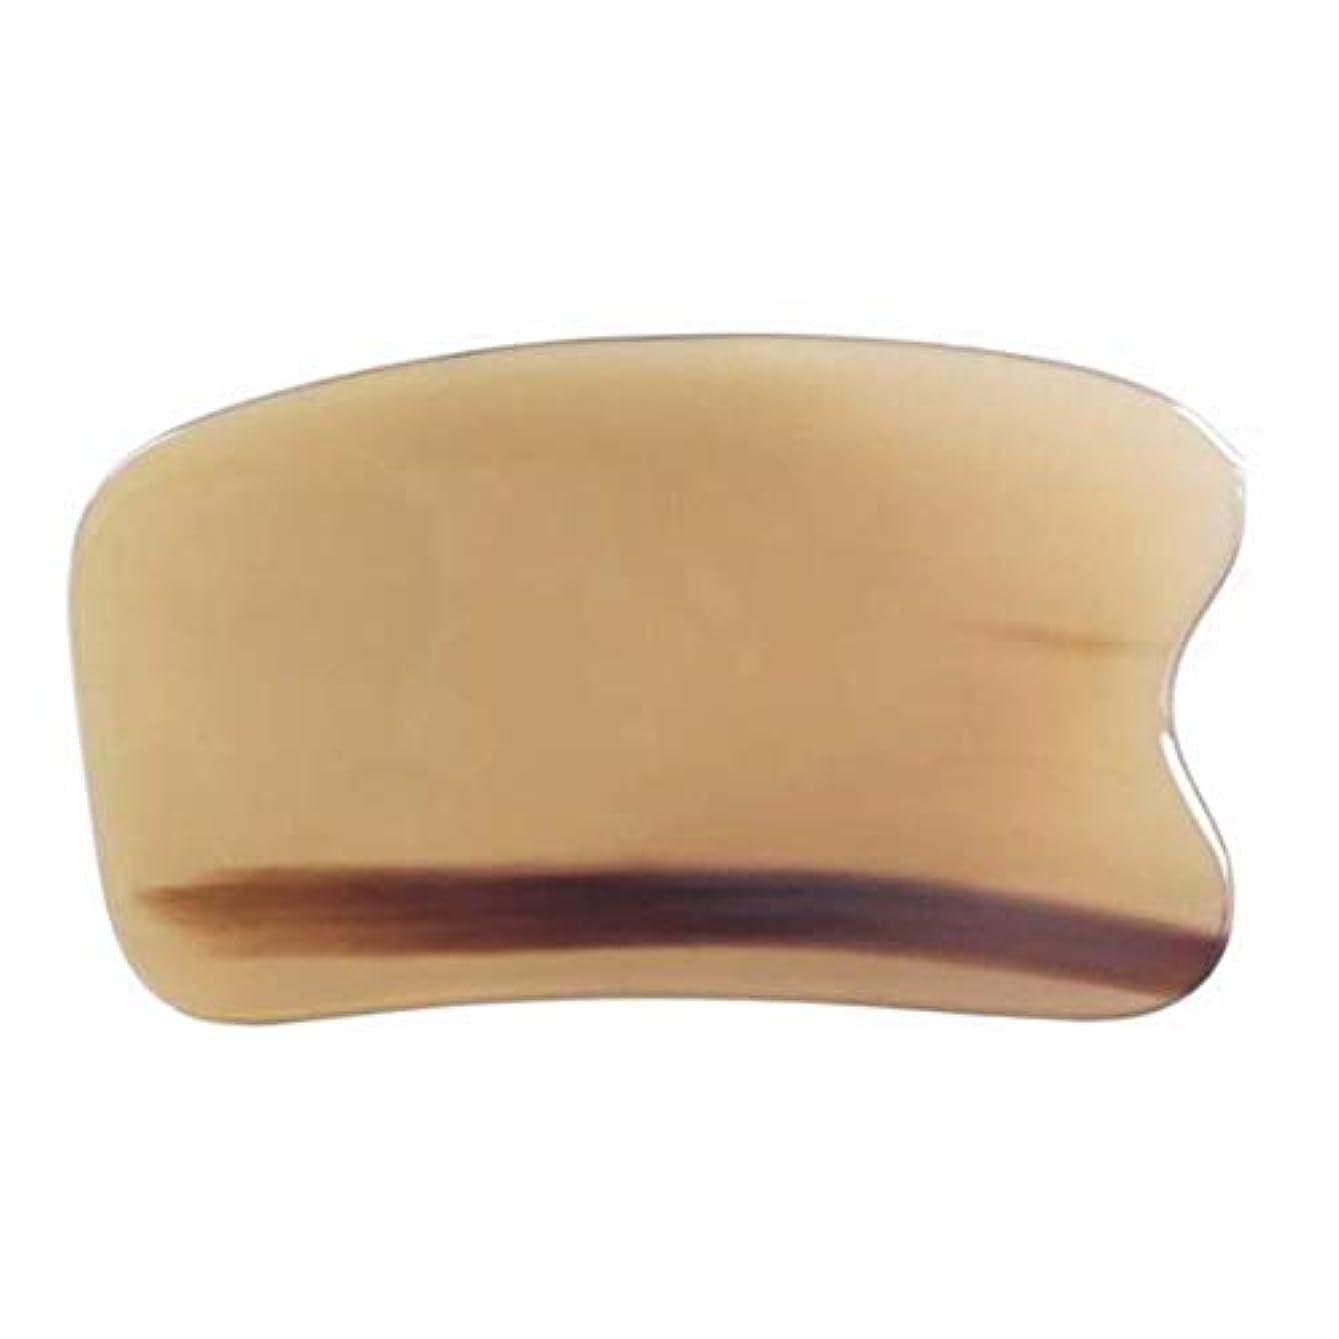 形状貫通臭いグアシャマッサージツールフェイスヘッドスクレーピングバッファローホーングアシャスクレーパー、SPA理学療法ボードトリガーポイント鍼